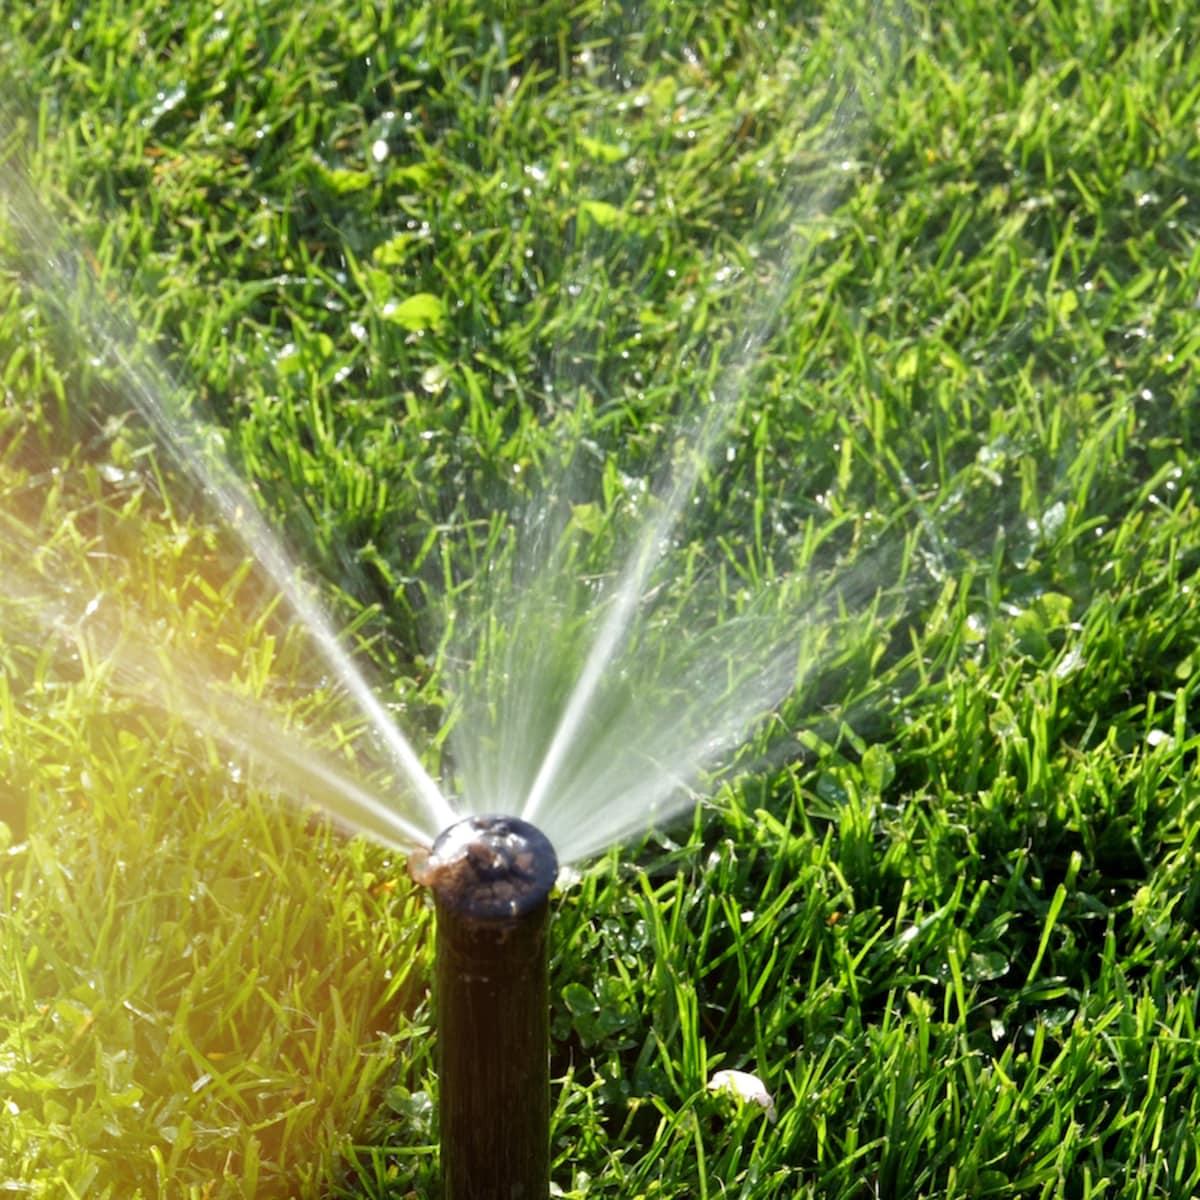 Best Sprinkler Controller 2019 The Best Smart Sprinkler Controllers of 2019   Reviewed Smart Home